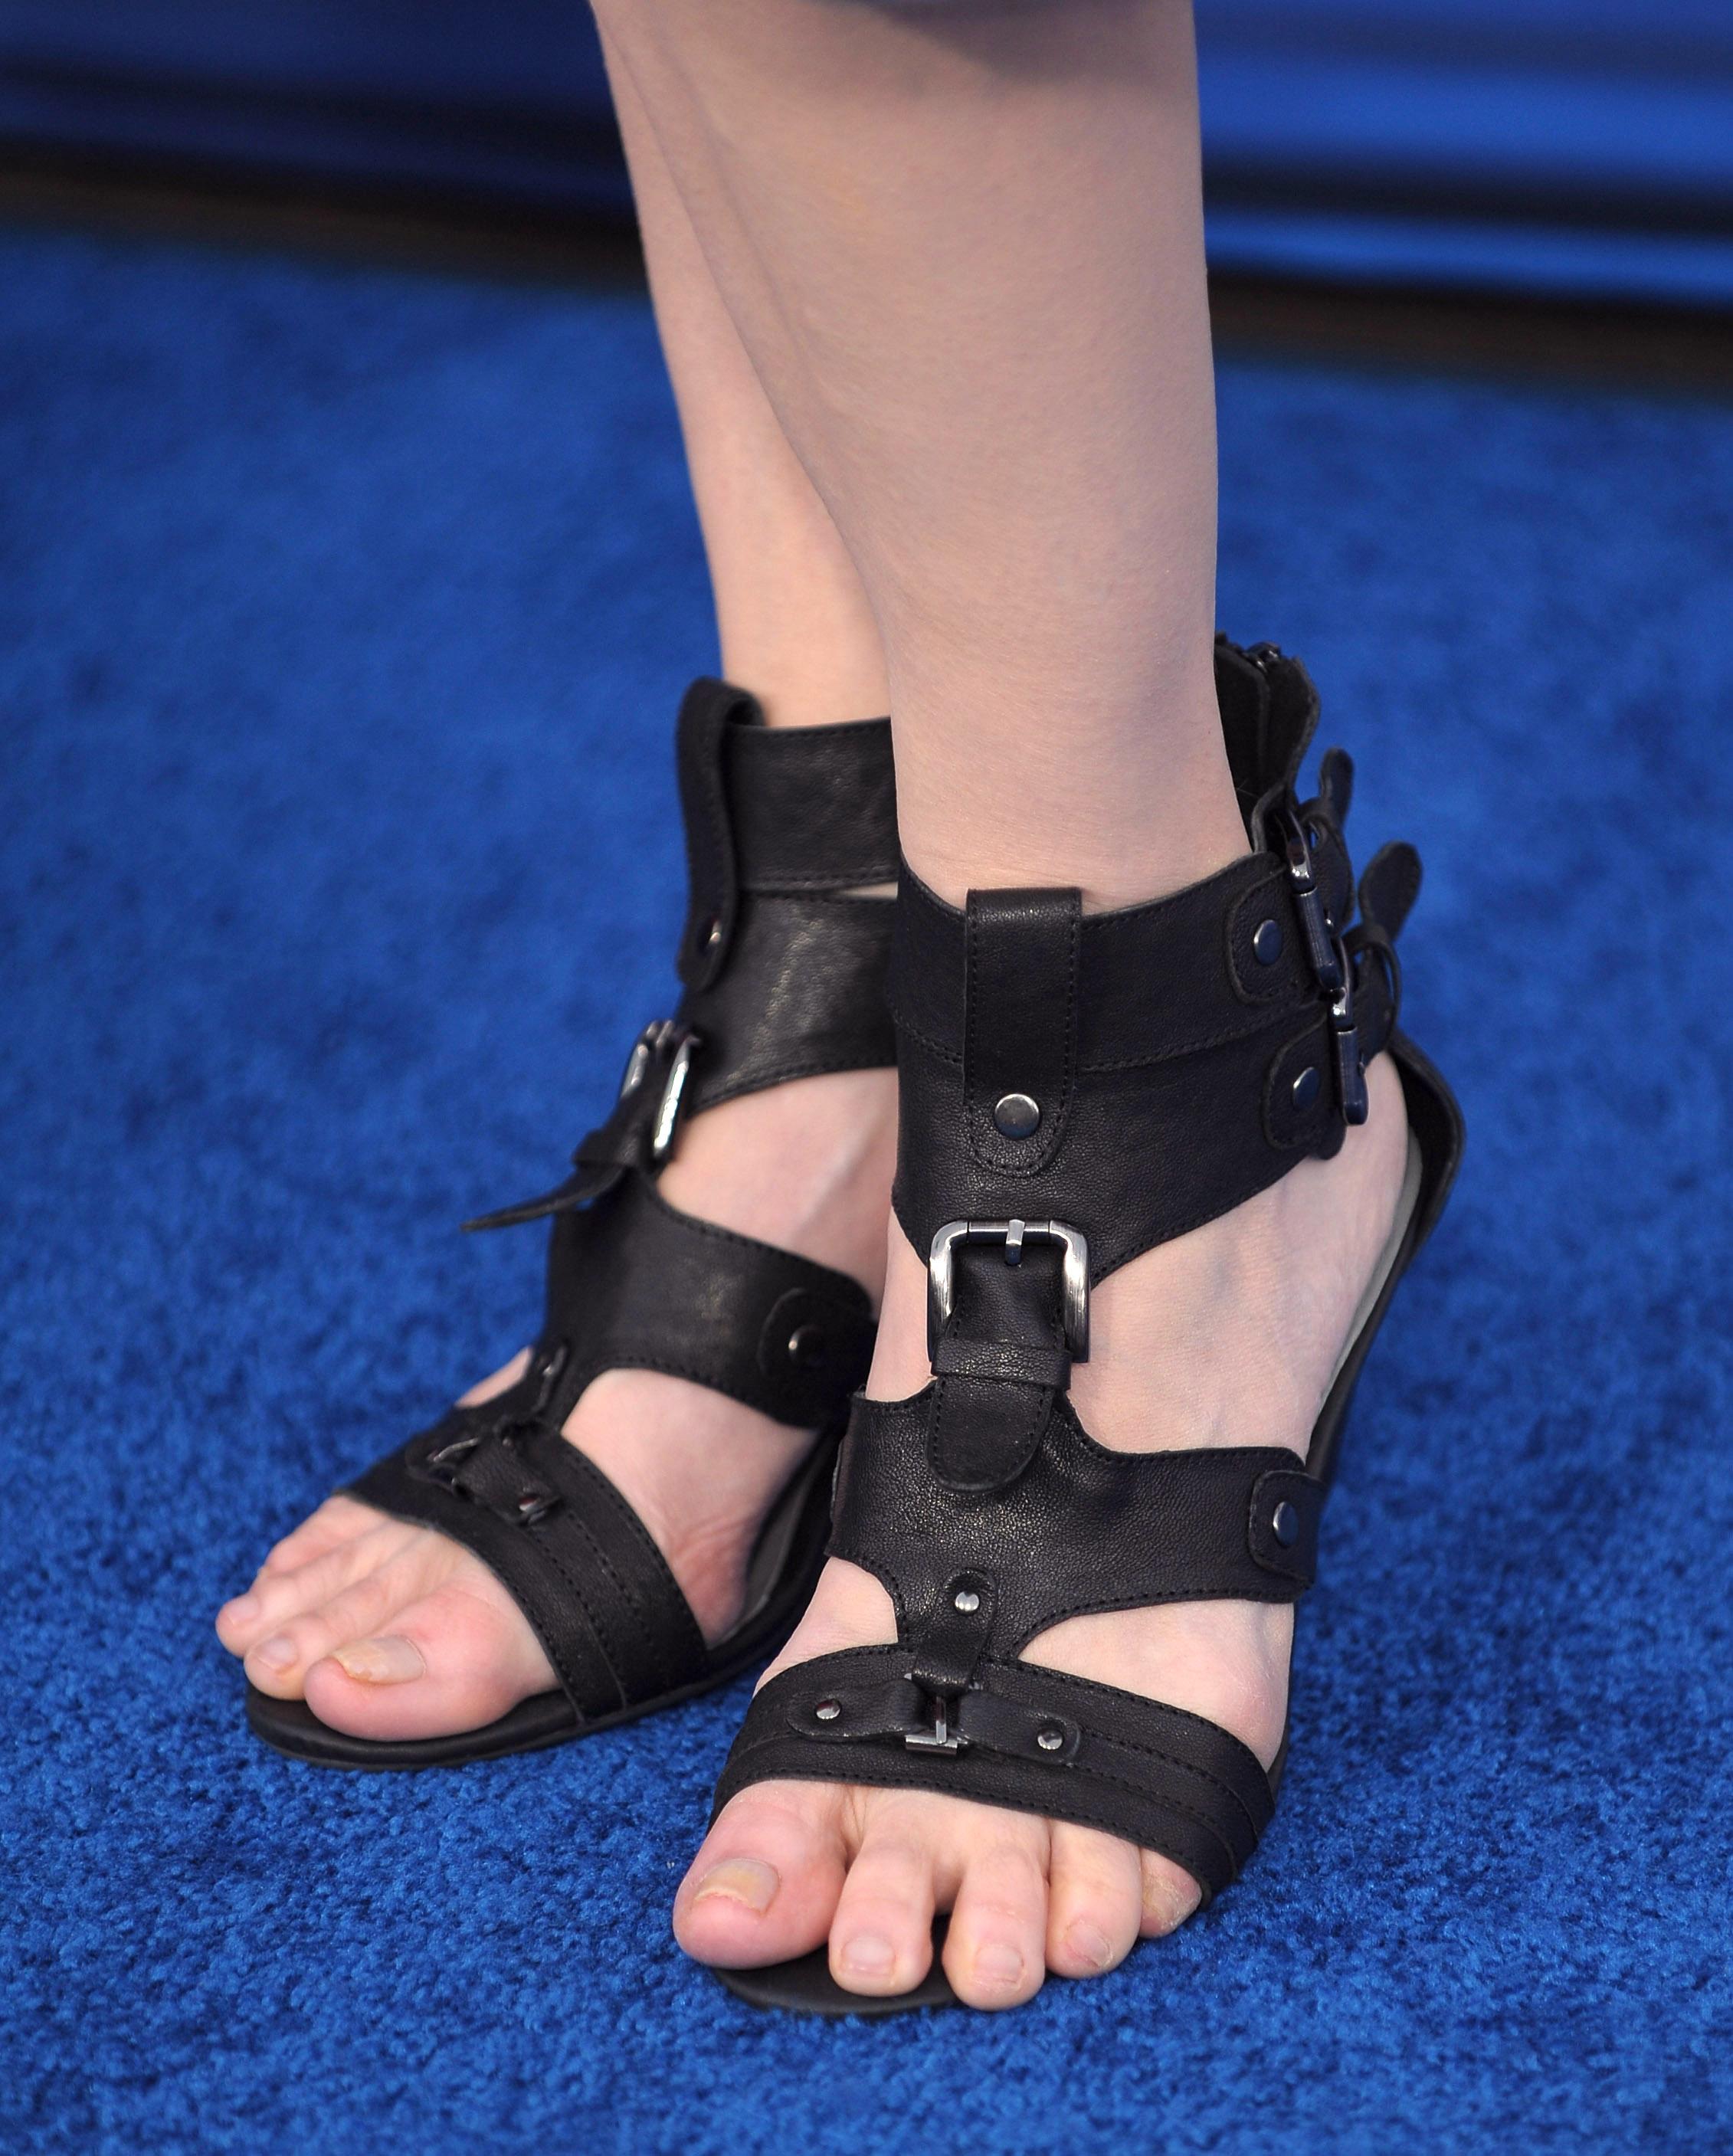 Geena Daviss Feet